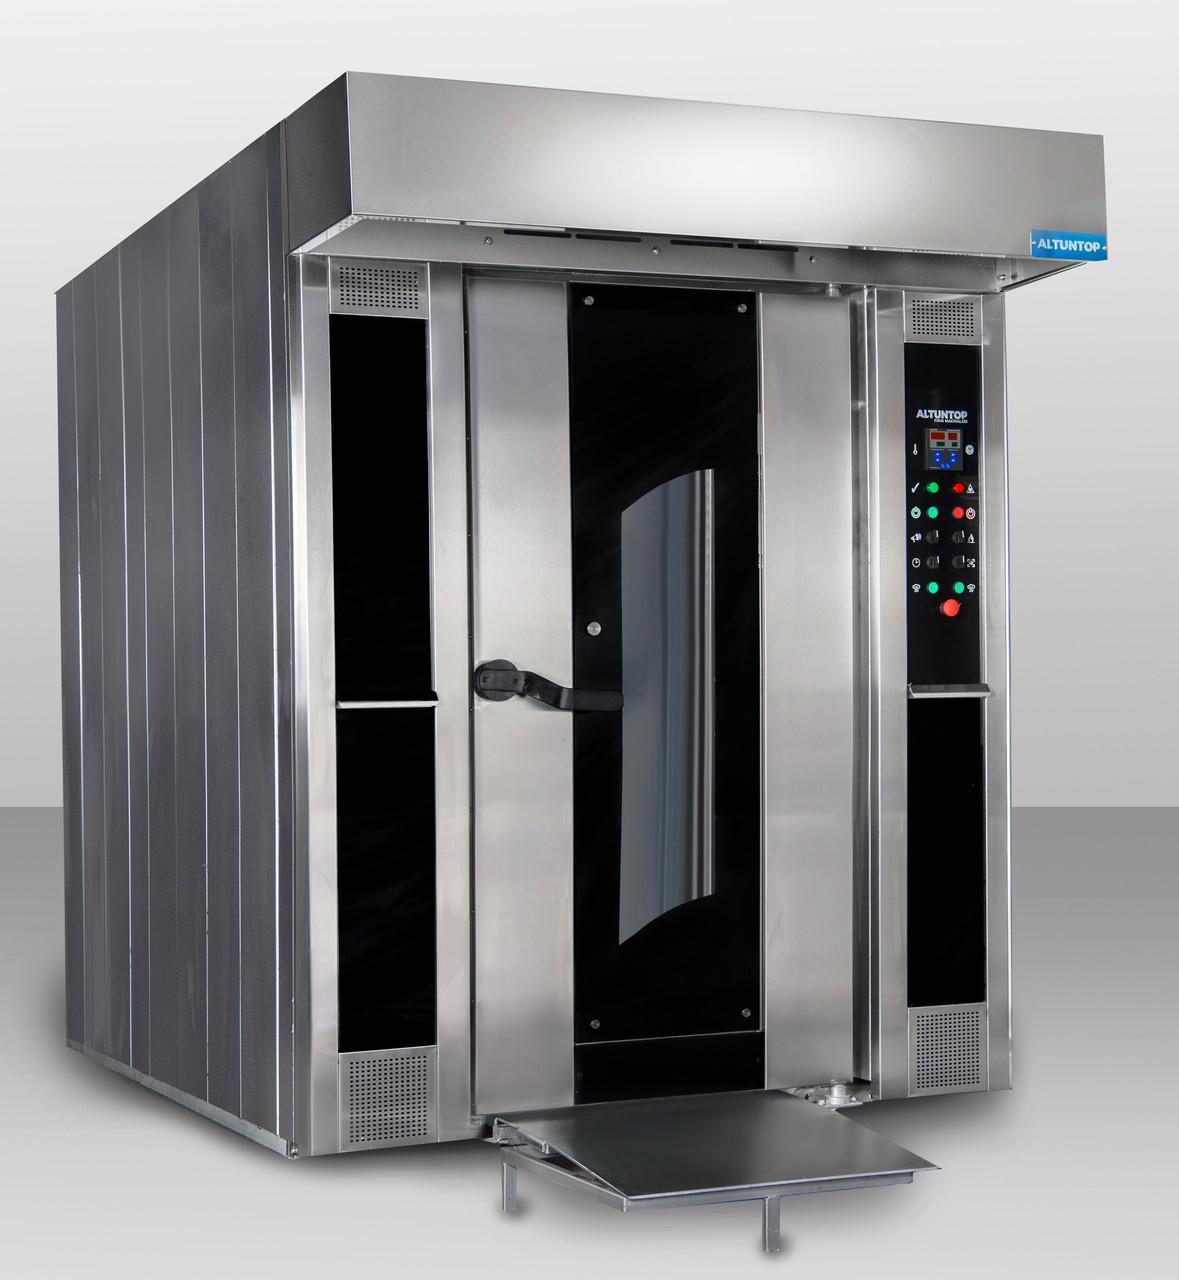 Печь ATDF-250 Газ, электричество дизель